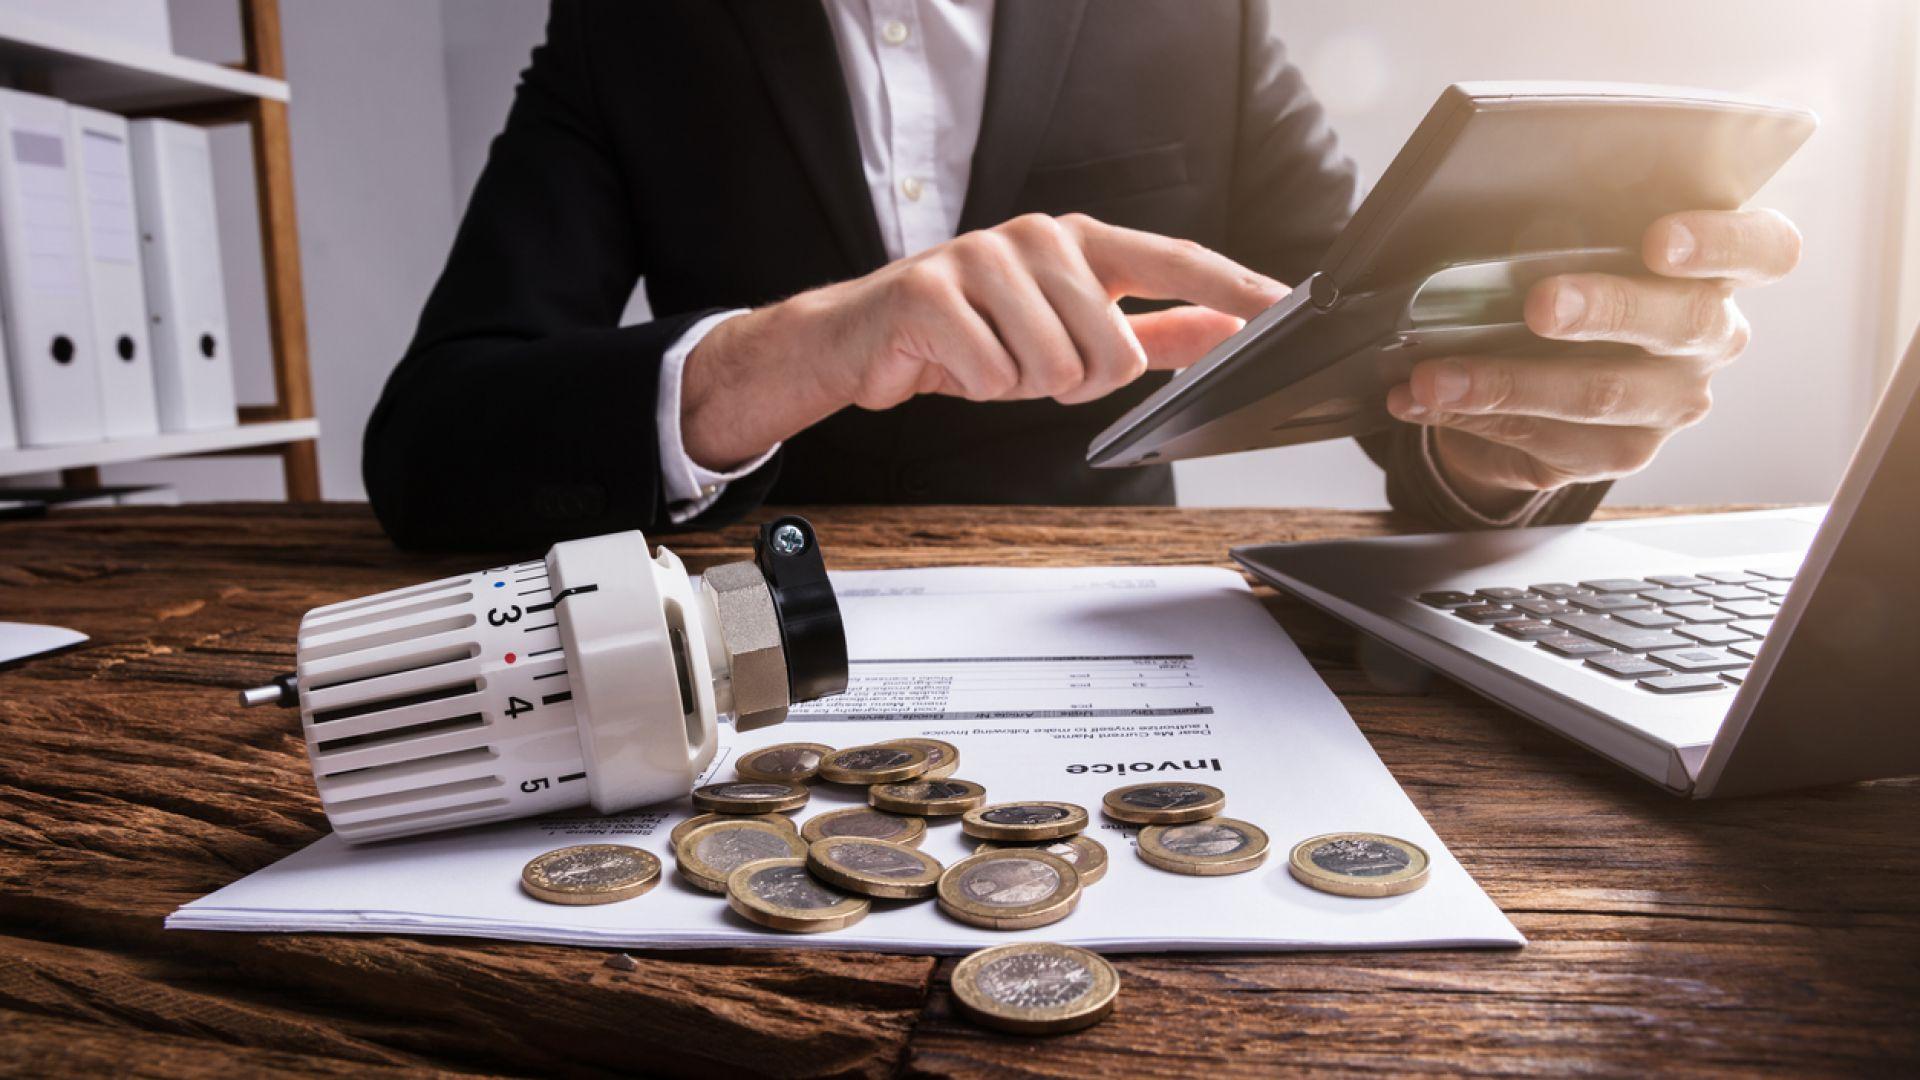 С доплащането в изравнителната сметка поради неосигурен достъп плащате 4 пъти  дистанционните уреди за Вашия дом